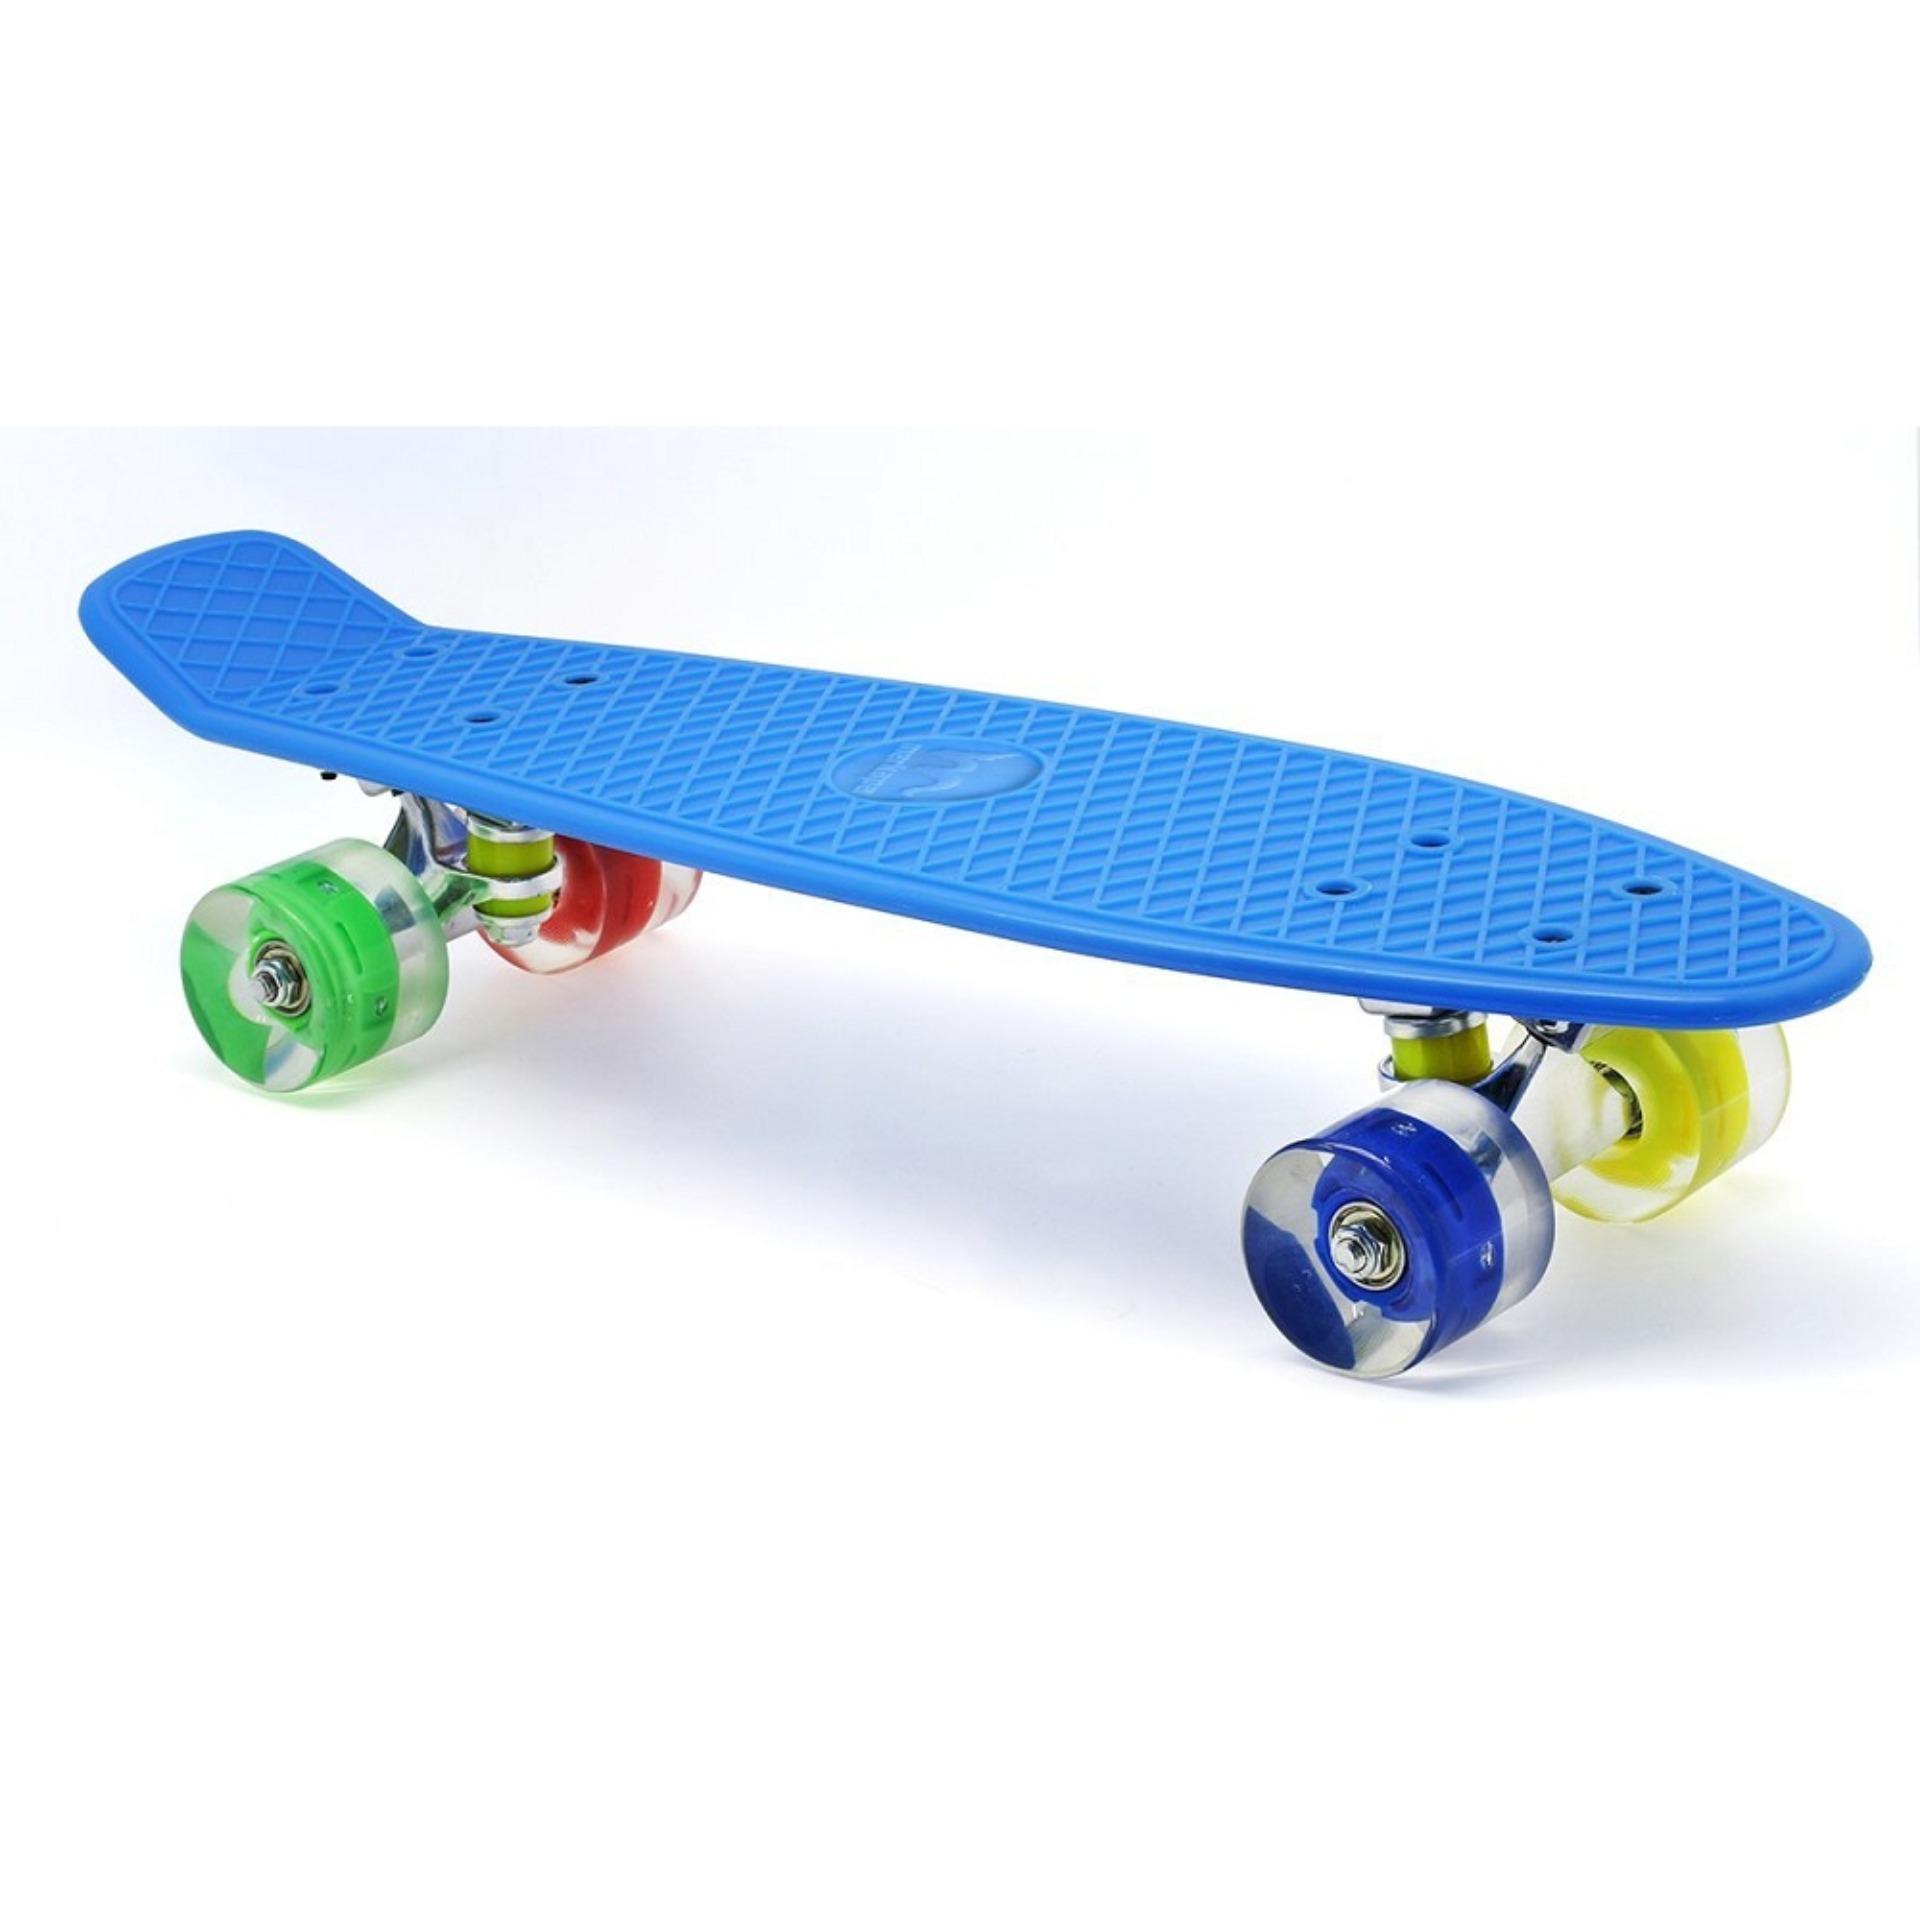 Ván Trượt Skateboard Thép Nguyên Khối Bánh 3 Lớp Có đèn Led Kamitoy Giá Rẻ Bất Ngờ